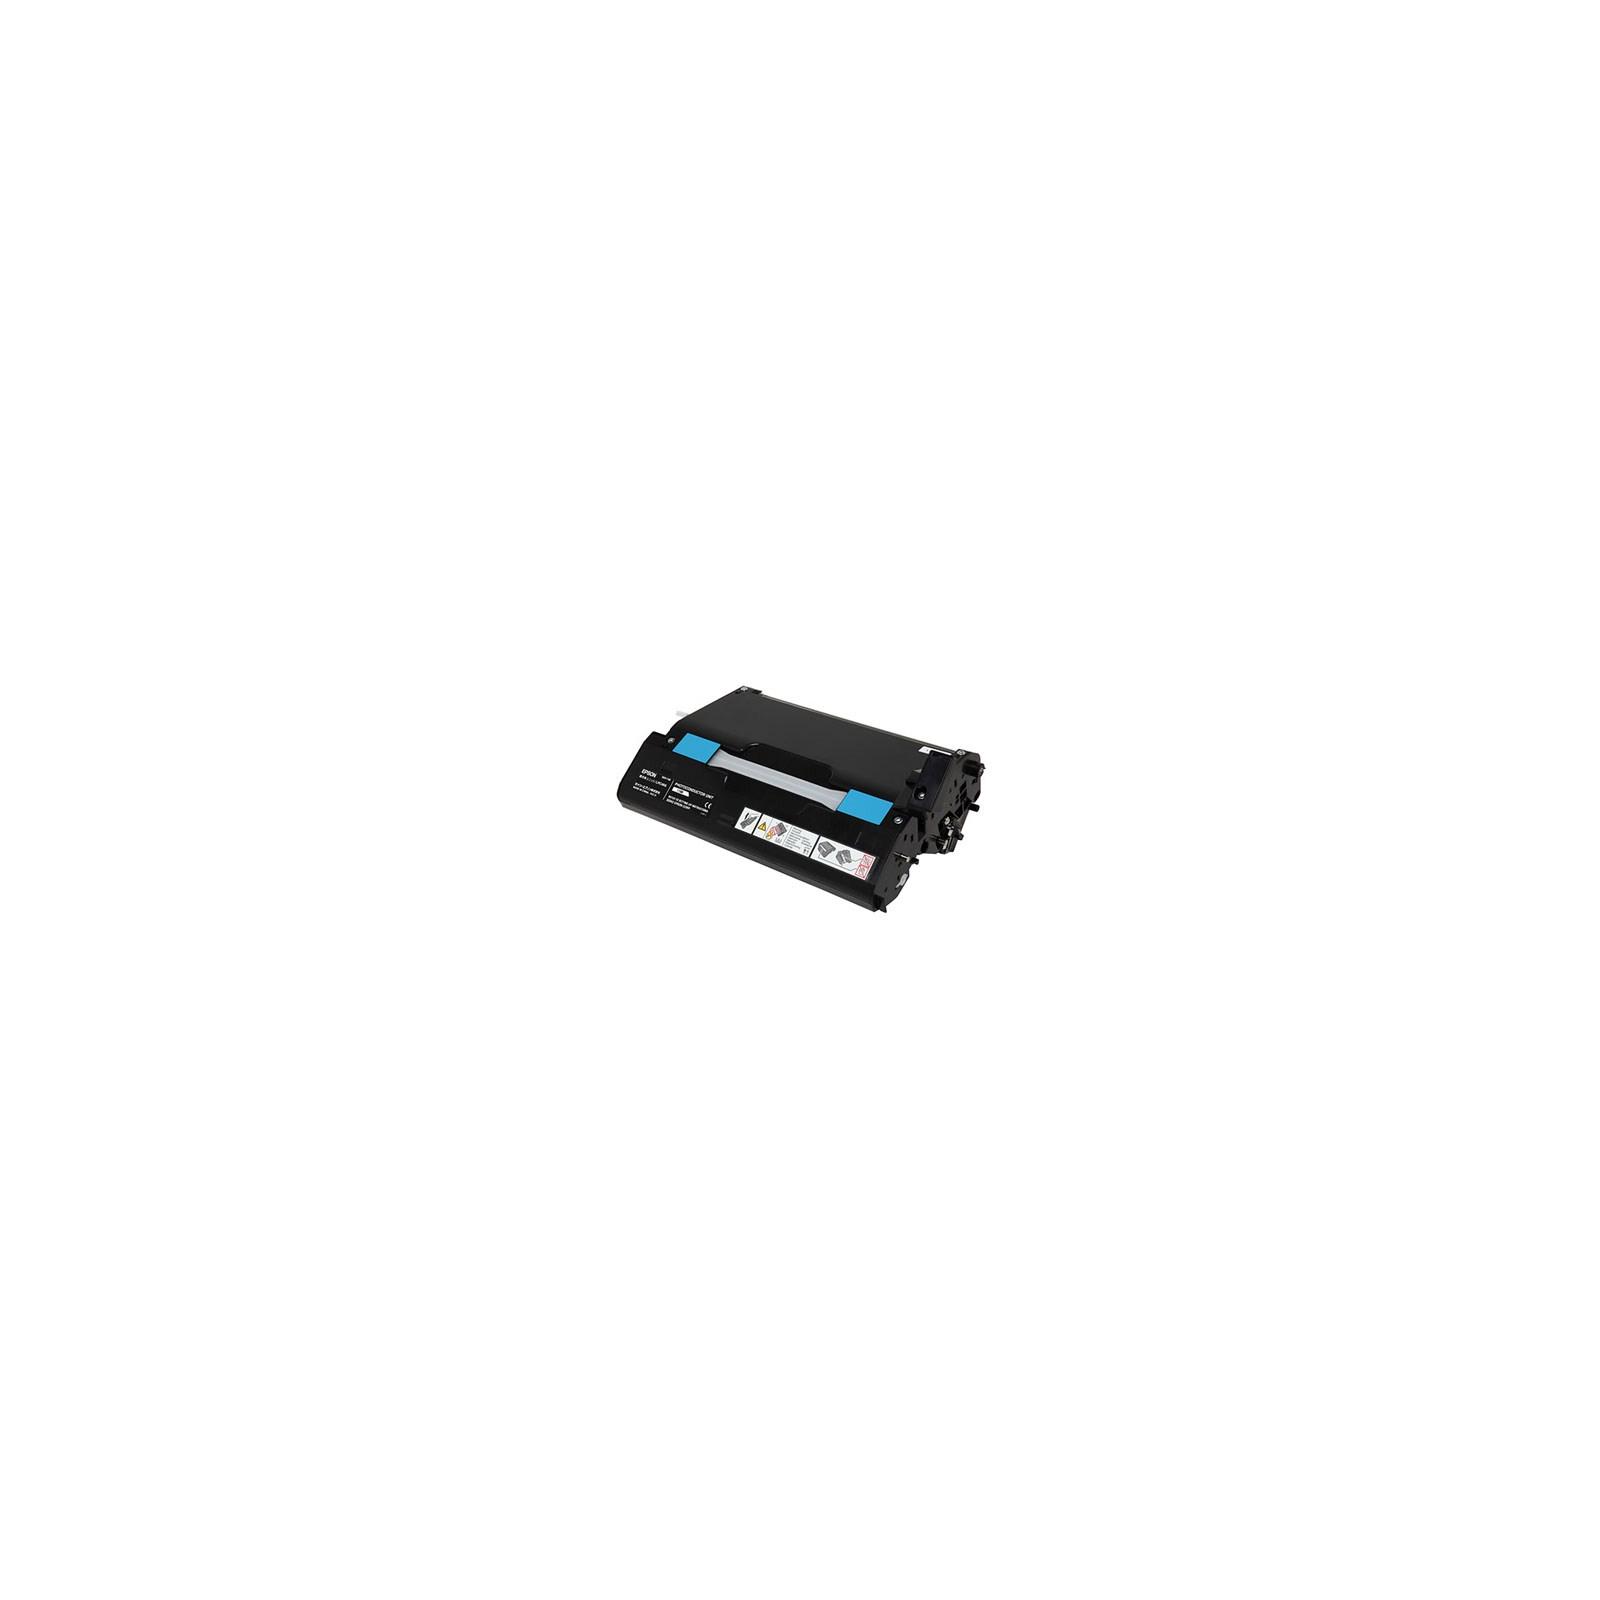 Фотокондуктор EPSON AcuLaser C1600/ CX16 (C13S051198)